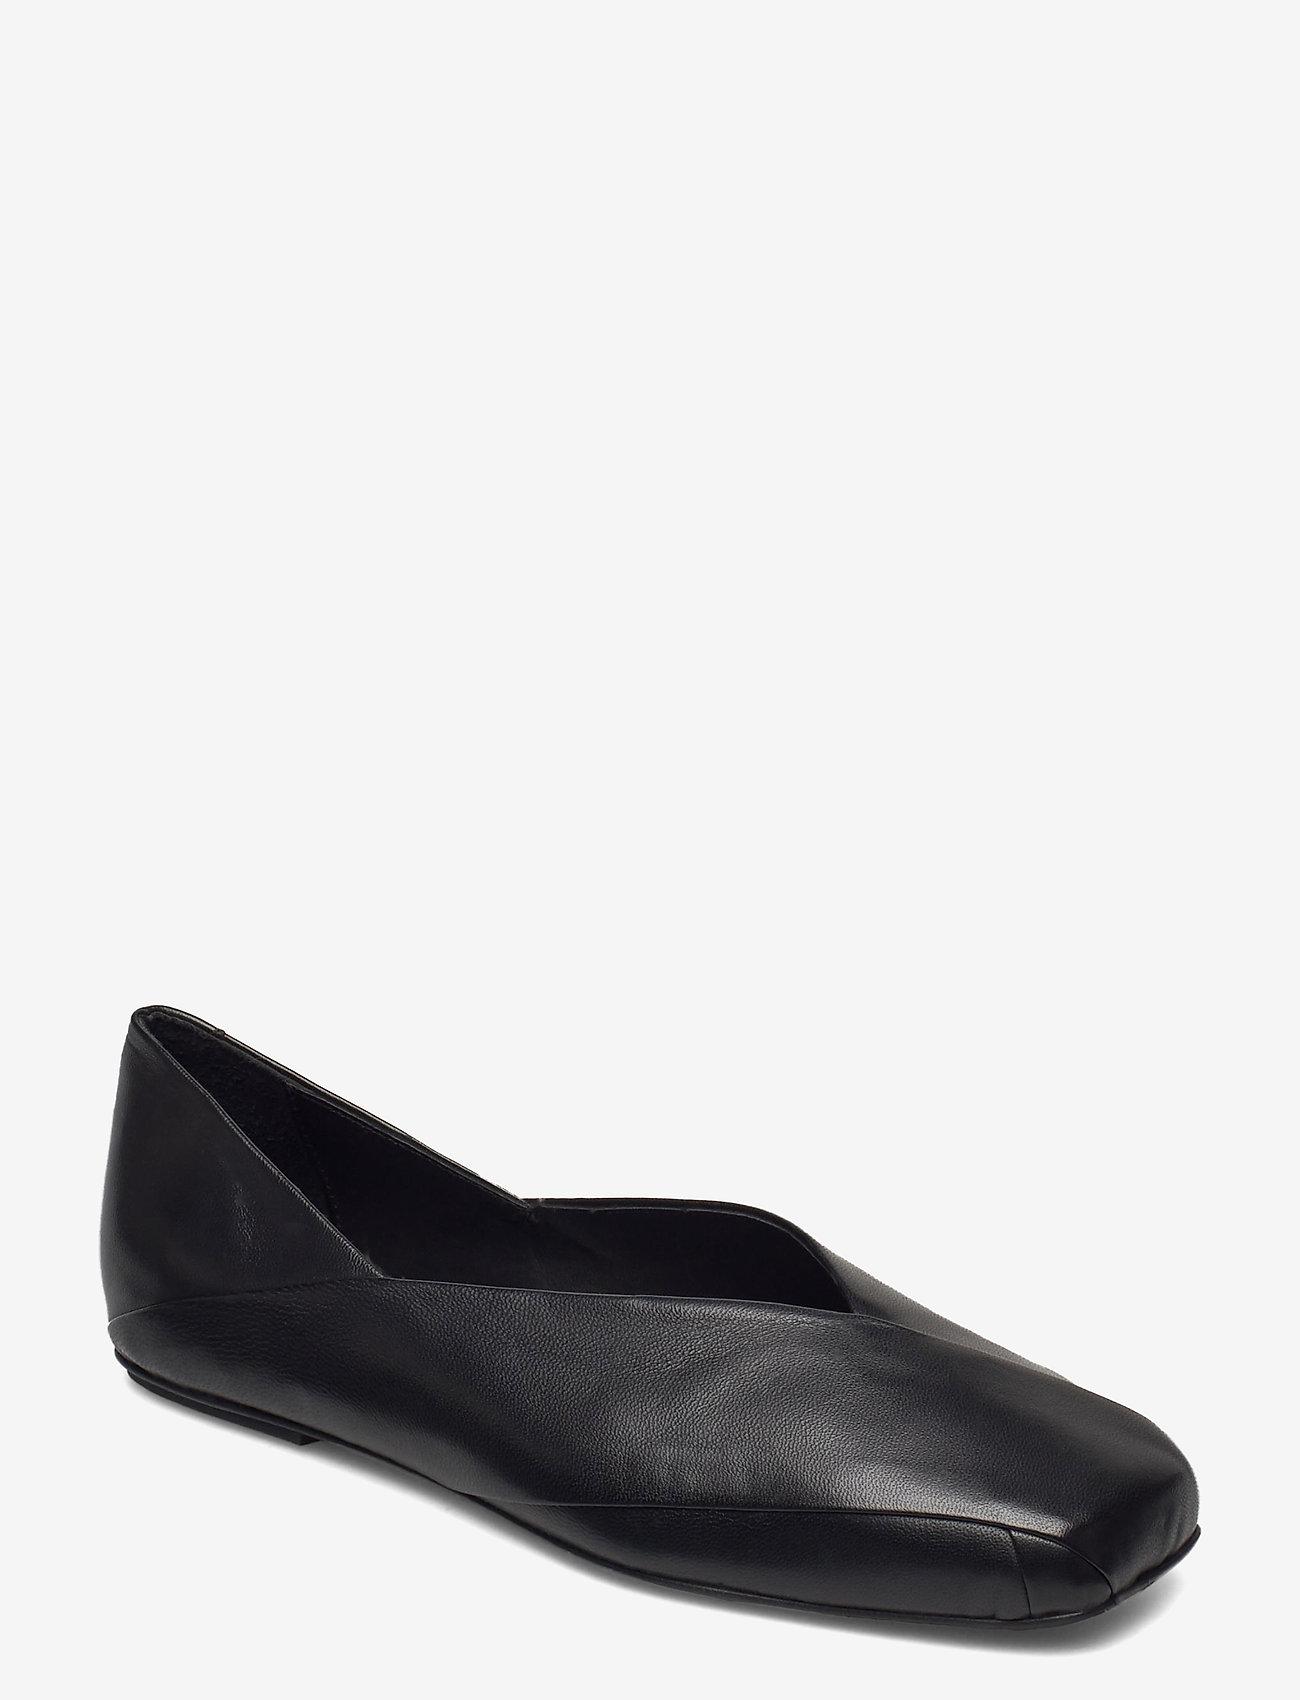 RODEBJER - RODEBJER YLENA - schoenen - black - 0